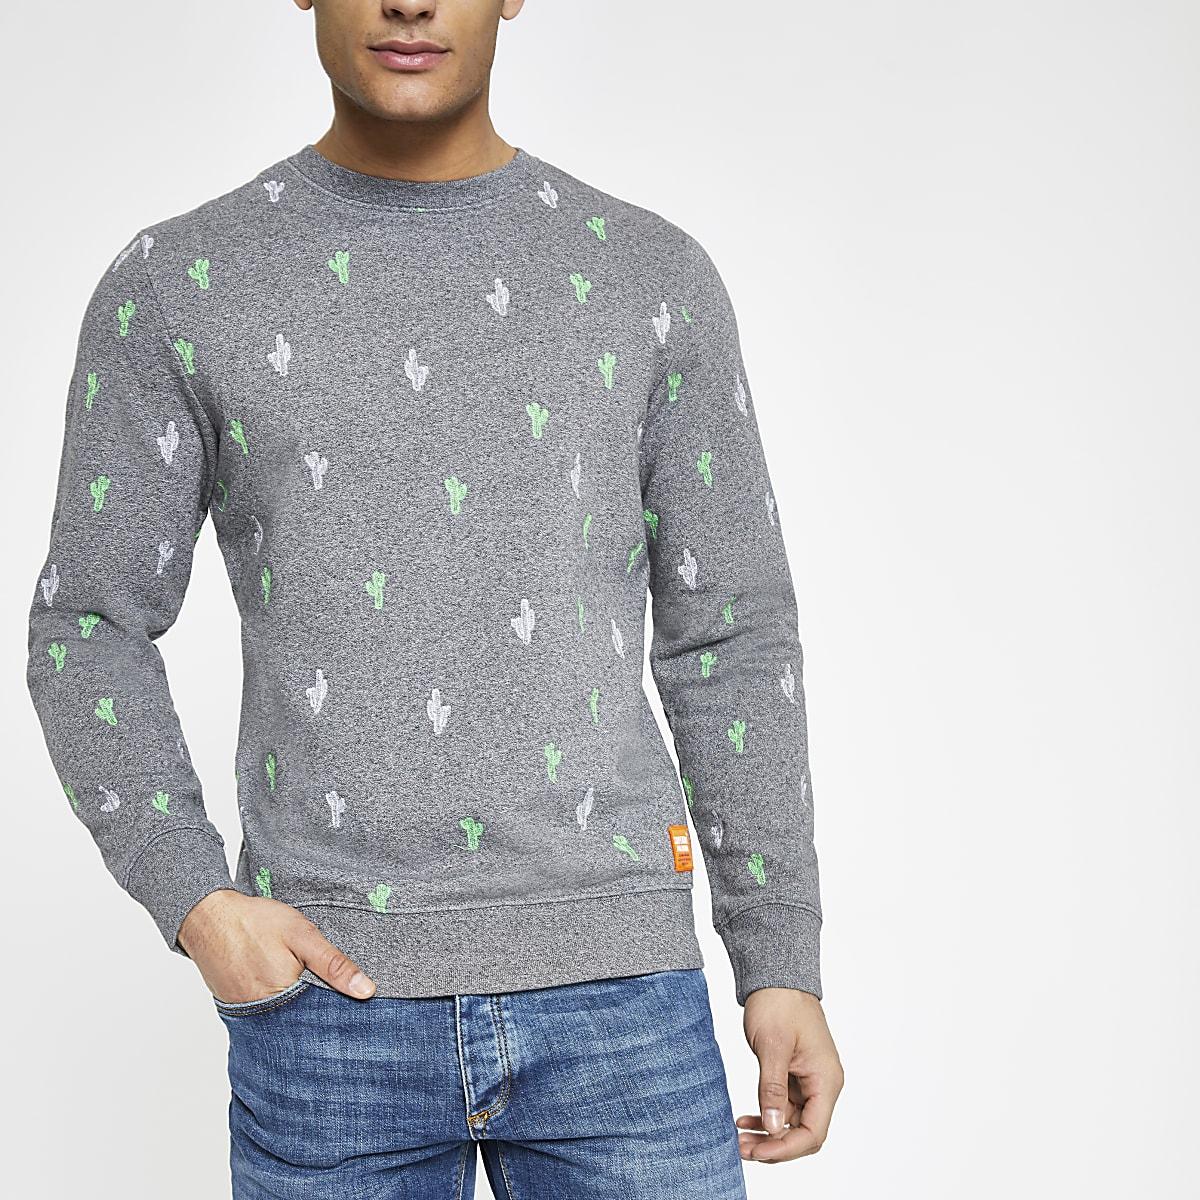 Superdry - Grijs sweatshirt met ronde hals